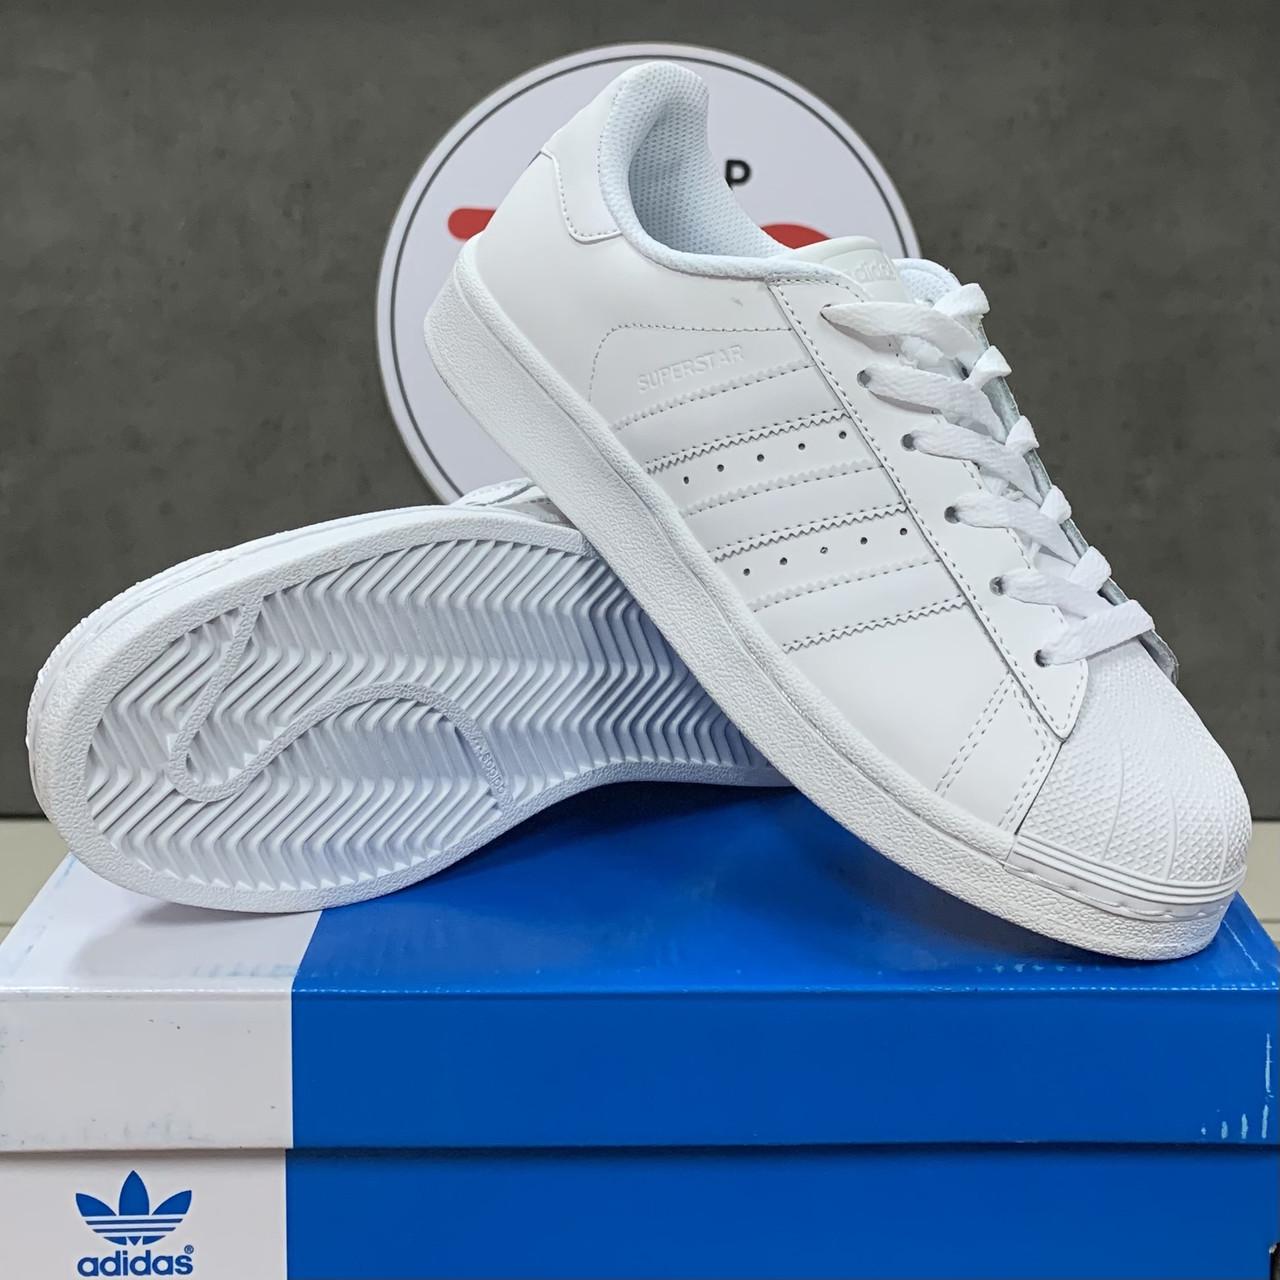 Кеды Adidas Superstar - фото 1